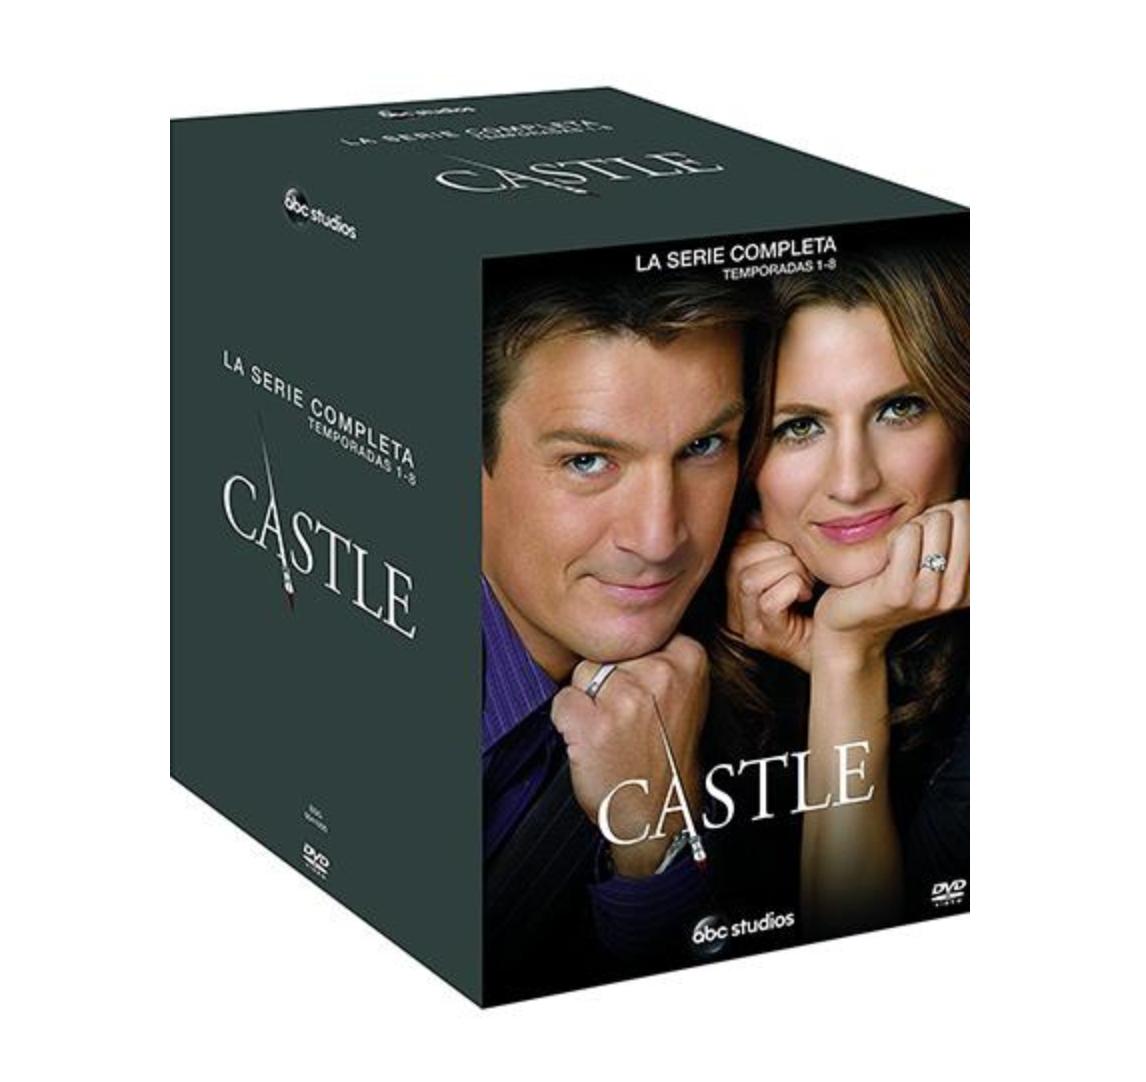 Pack Castle Temporadas 1-8 DVD - Sólo 100 unidades